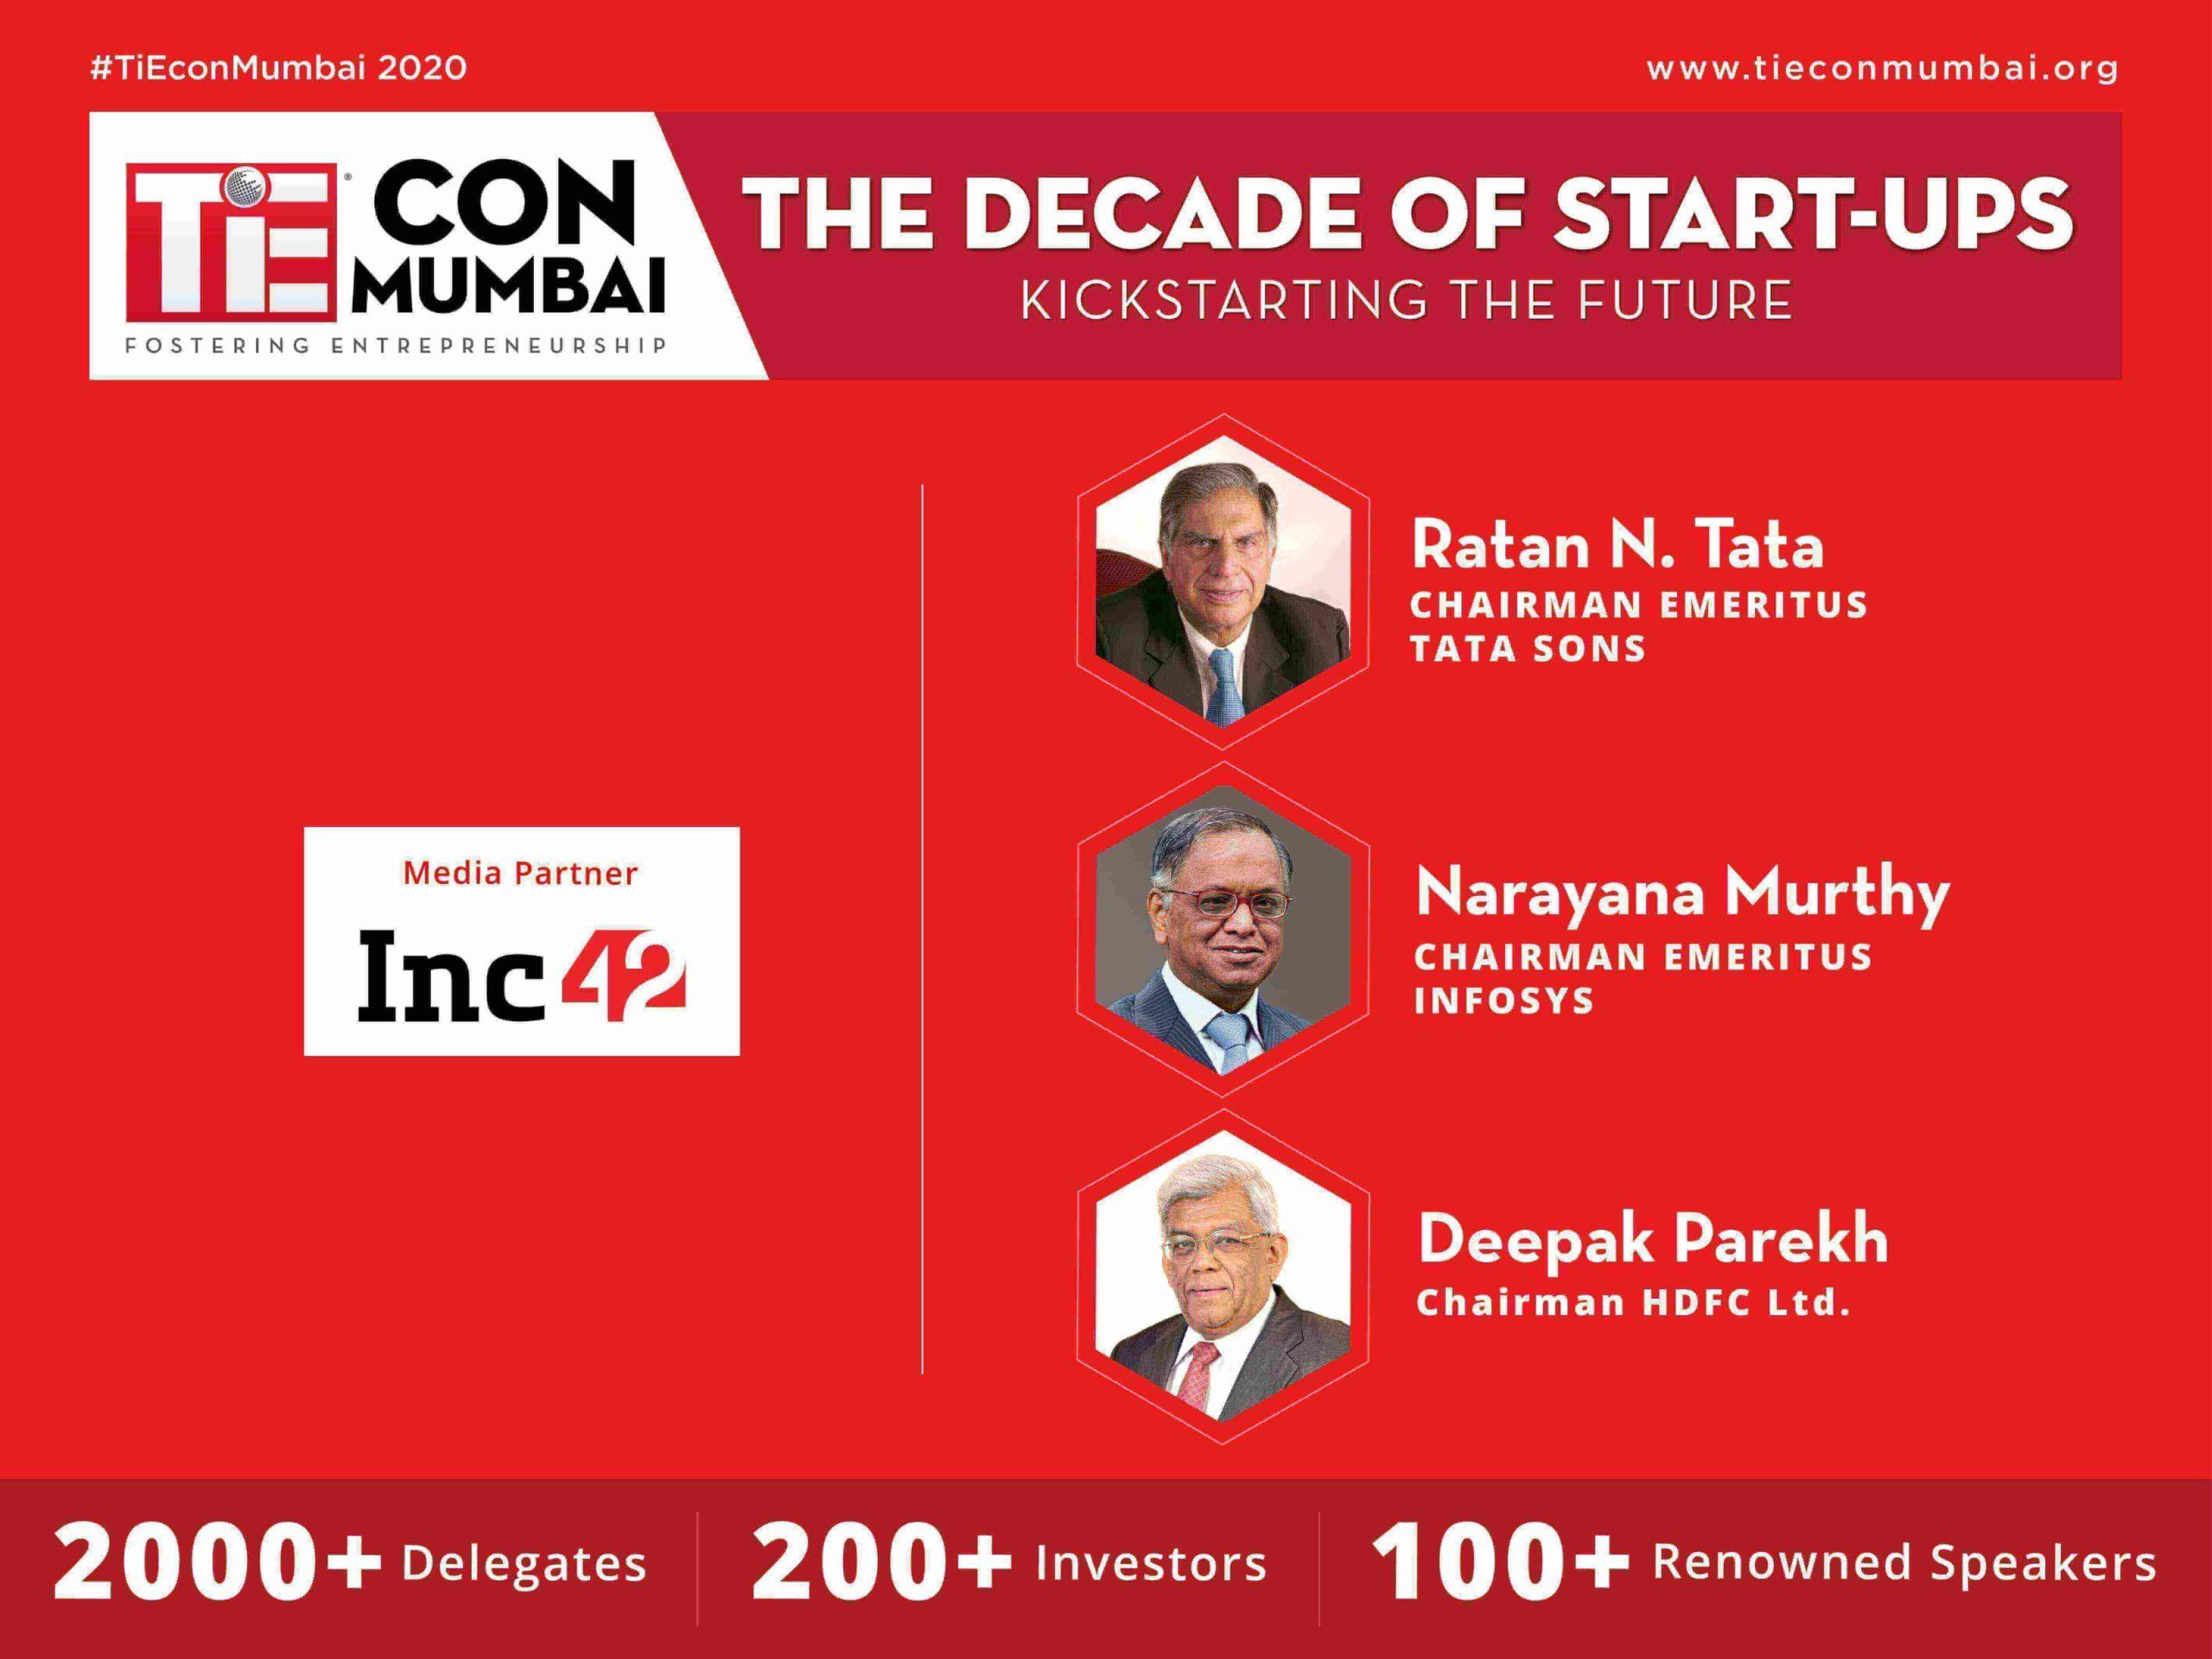 TiECon Mumbai 2020